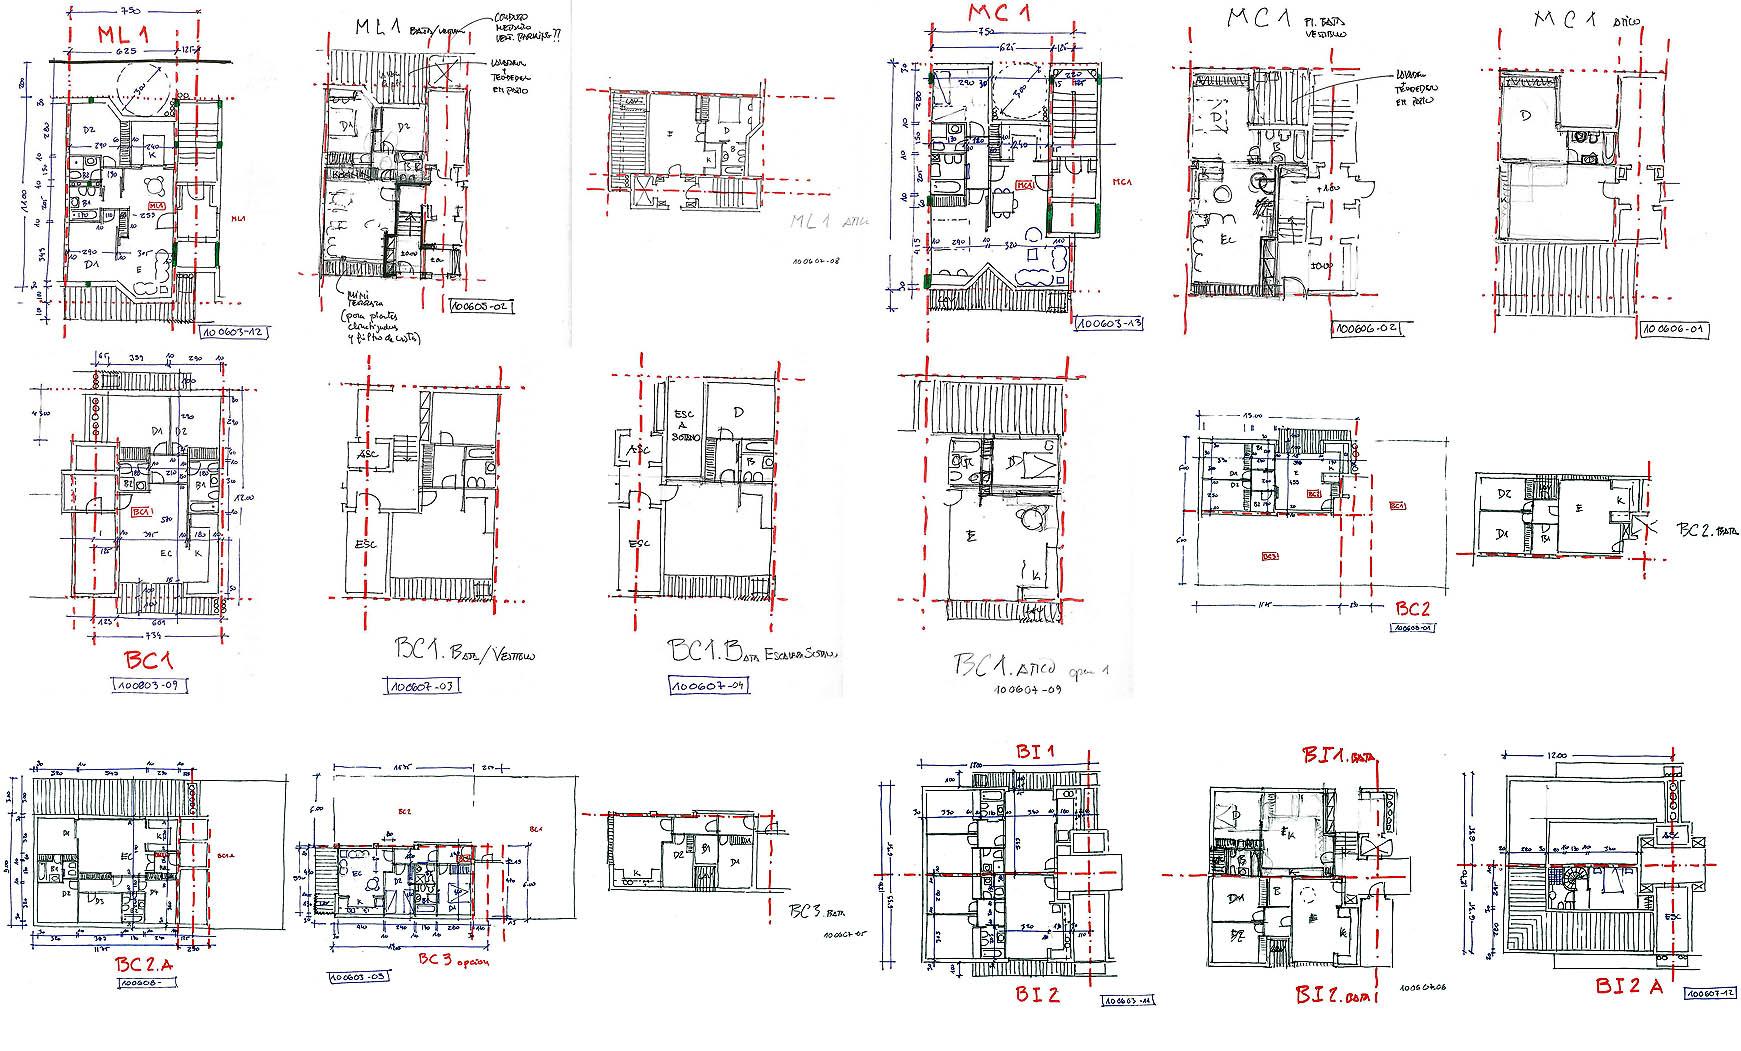 282 viviendas, aparcamiento subterráneo y urbanización en Benicarló. Anteproyecto, 2010. 2/2